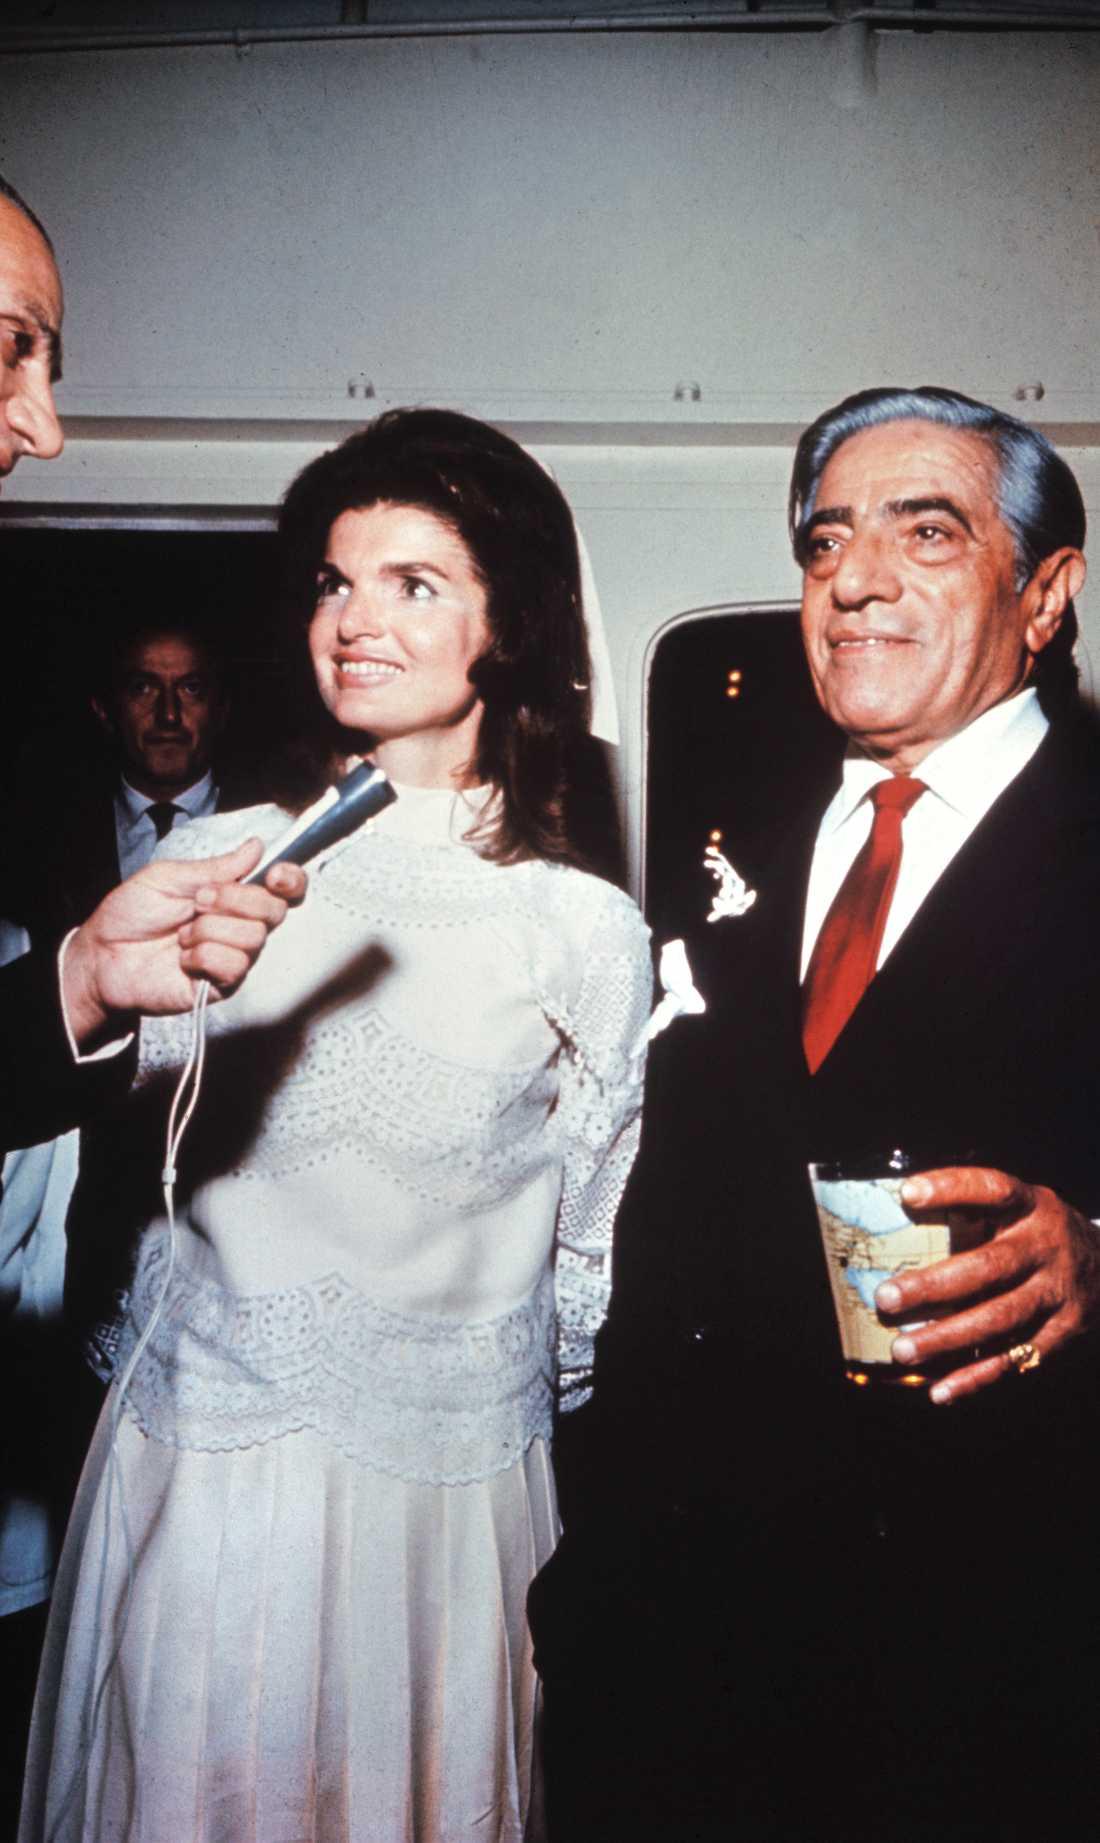 När Jackie Onassis gifte sig med skeppsredaren Aristotle Onassis 1968 bar hon en kort brudklänning som var specialdesignad av Valentino.